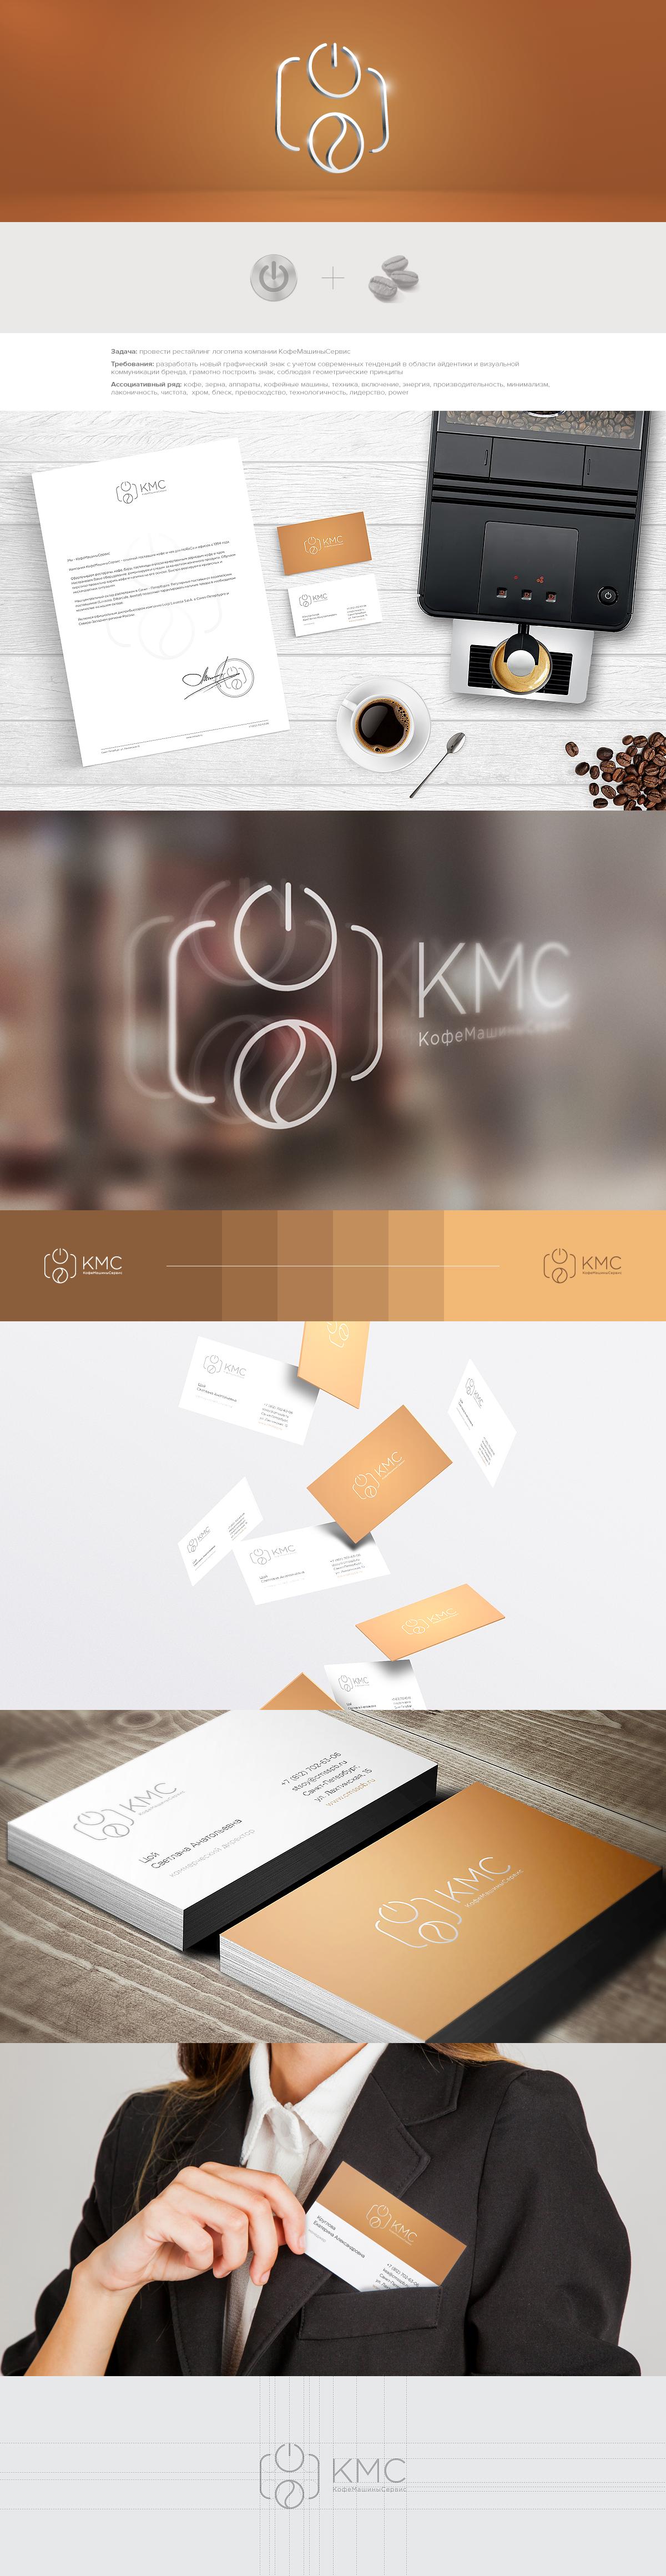 кофемашинысервис. разработка логотипа поставщика кофемашин и кофе